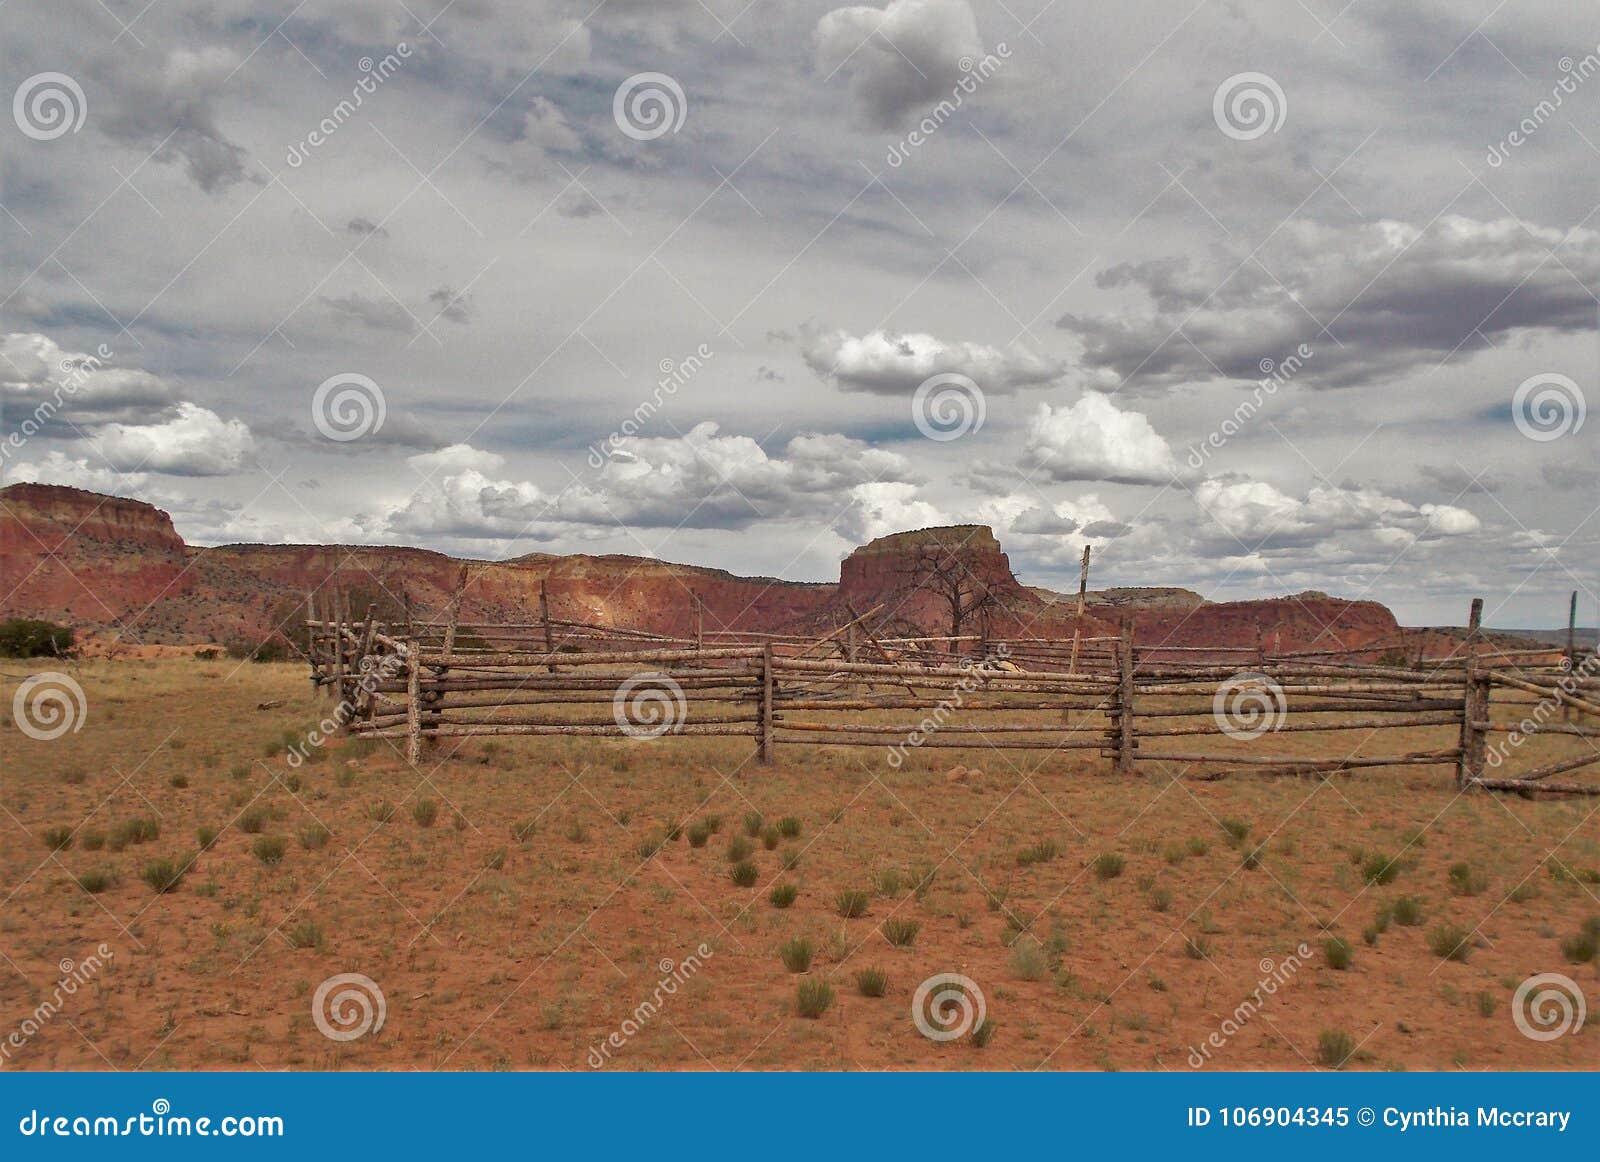 Ducha rancho Corral